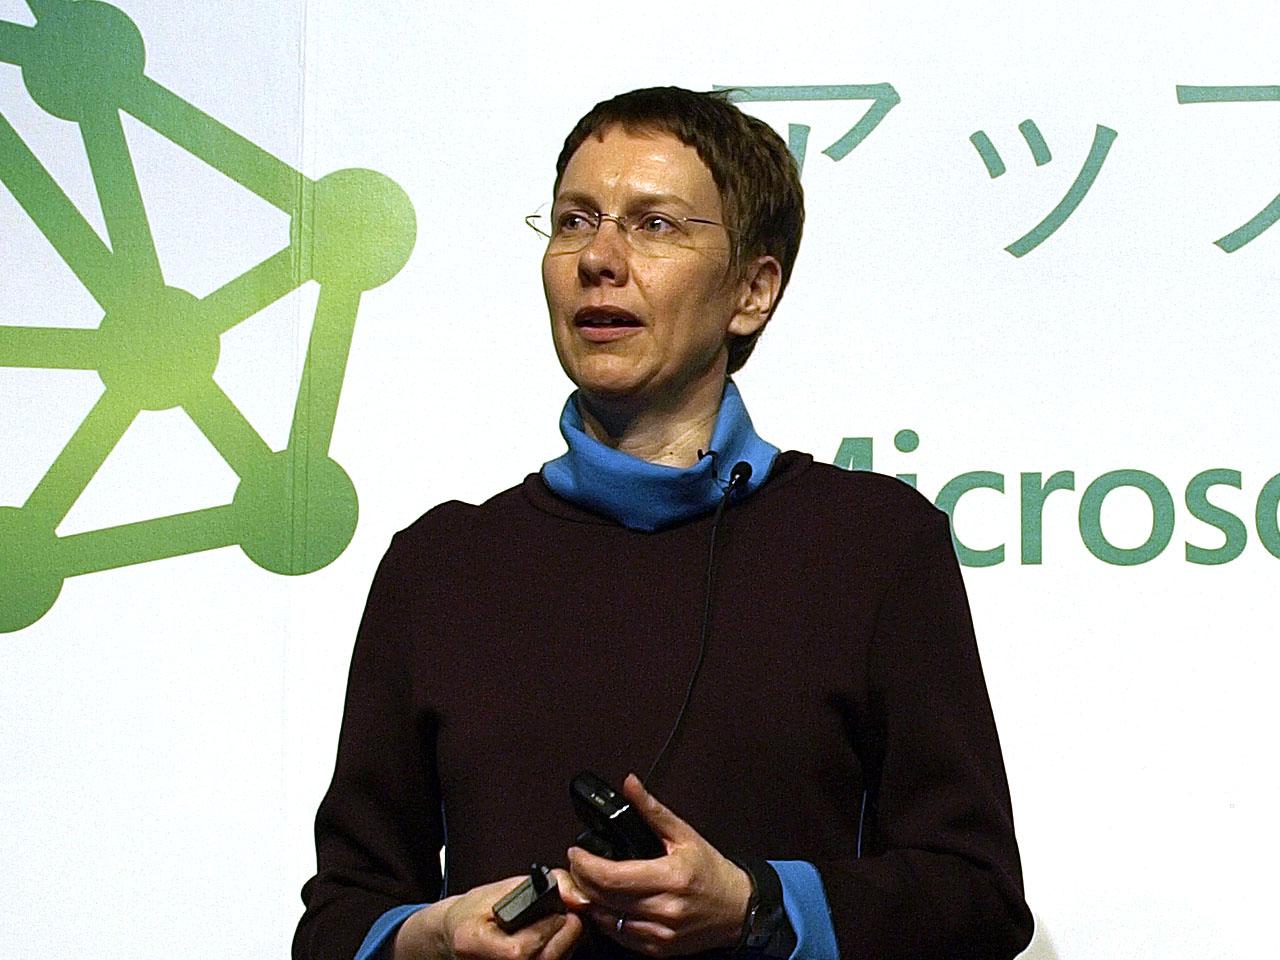 日本マイクロソフト執行役員政策渉外・法務本部長のスサンナ・マケラ氏